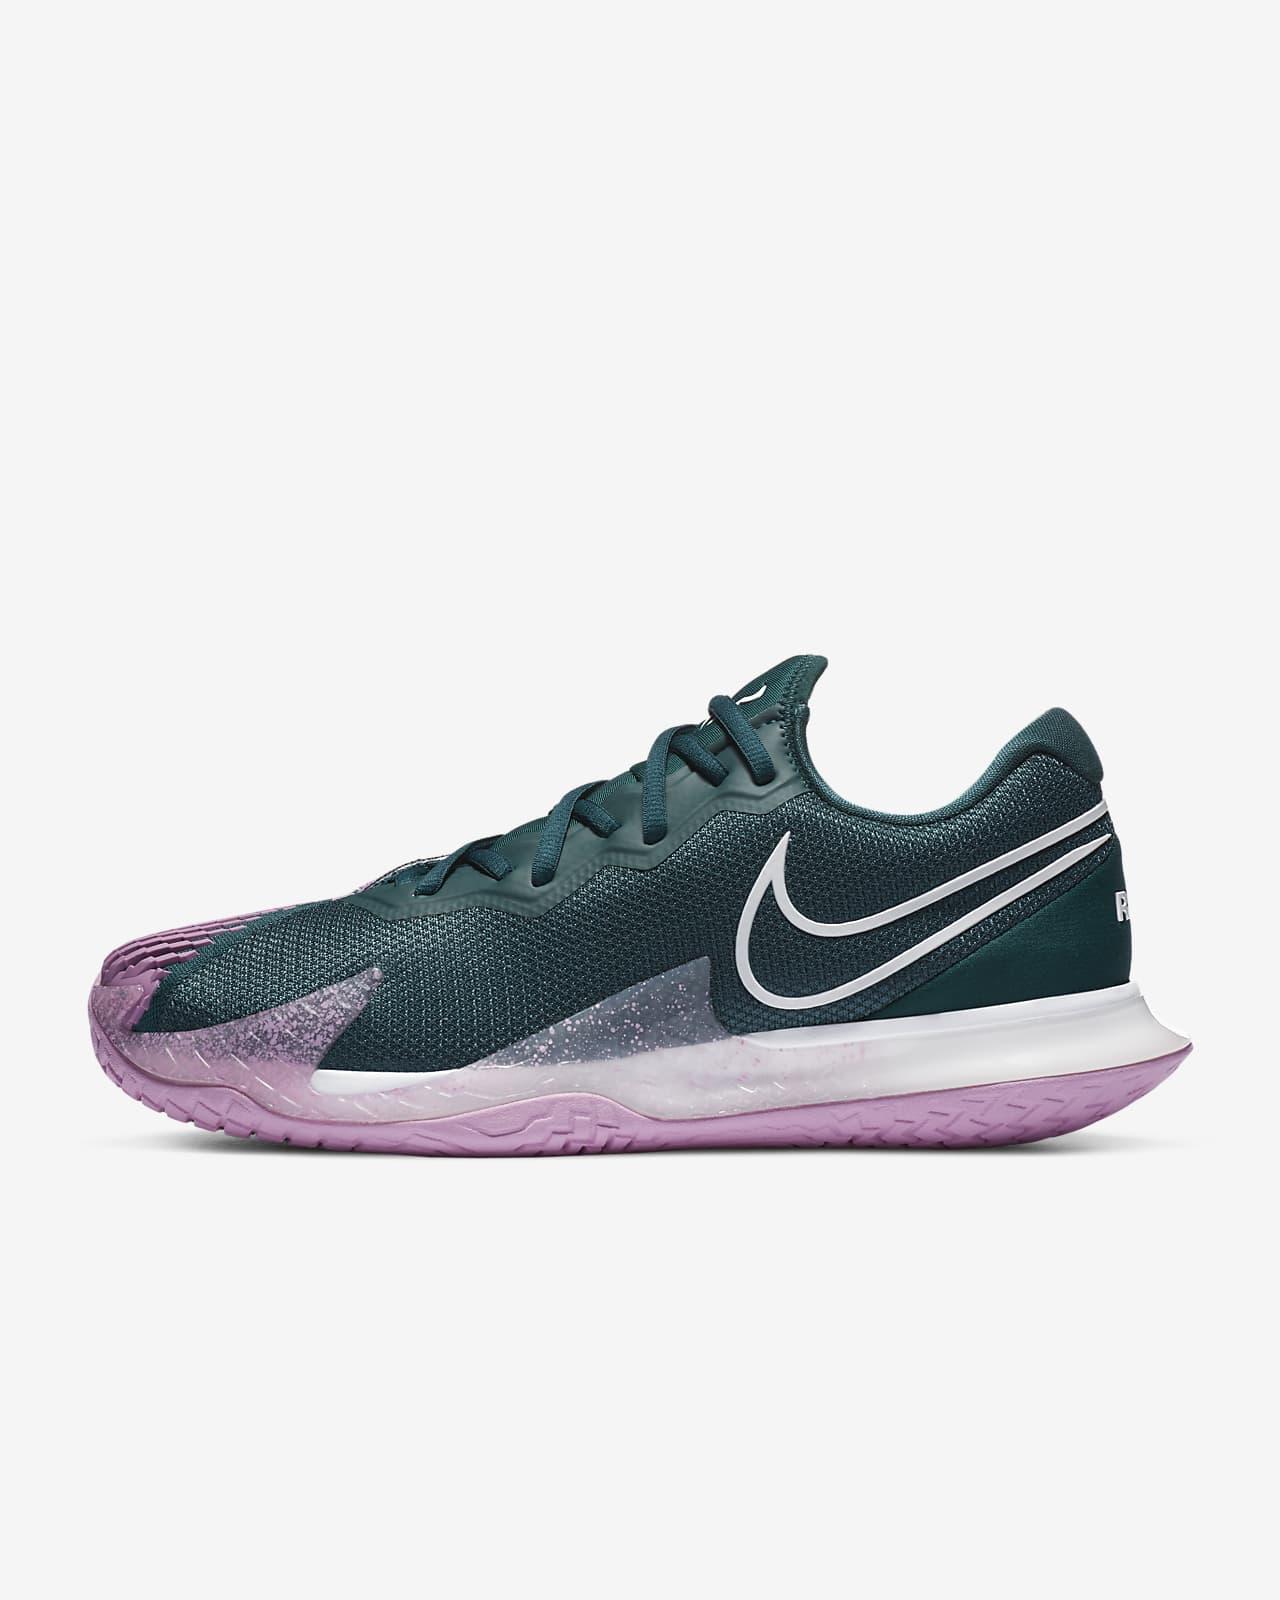 Мужские теннисные кроссовки для игры на кортах с твердым покрытием NikeCourt Air Zoom Vapor Cage 4